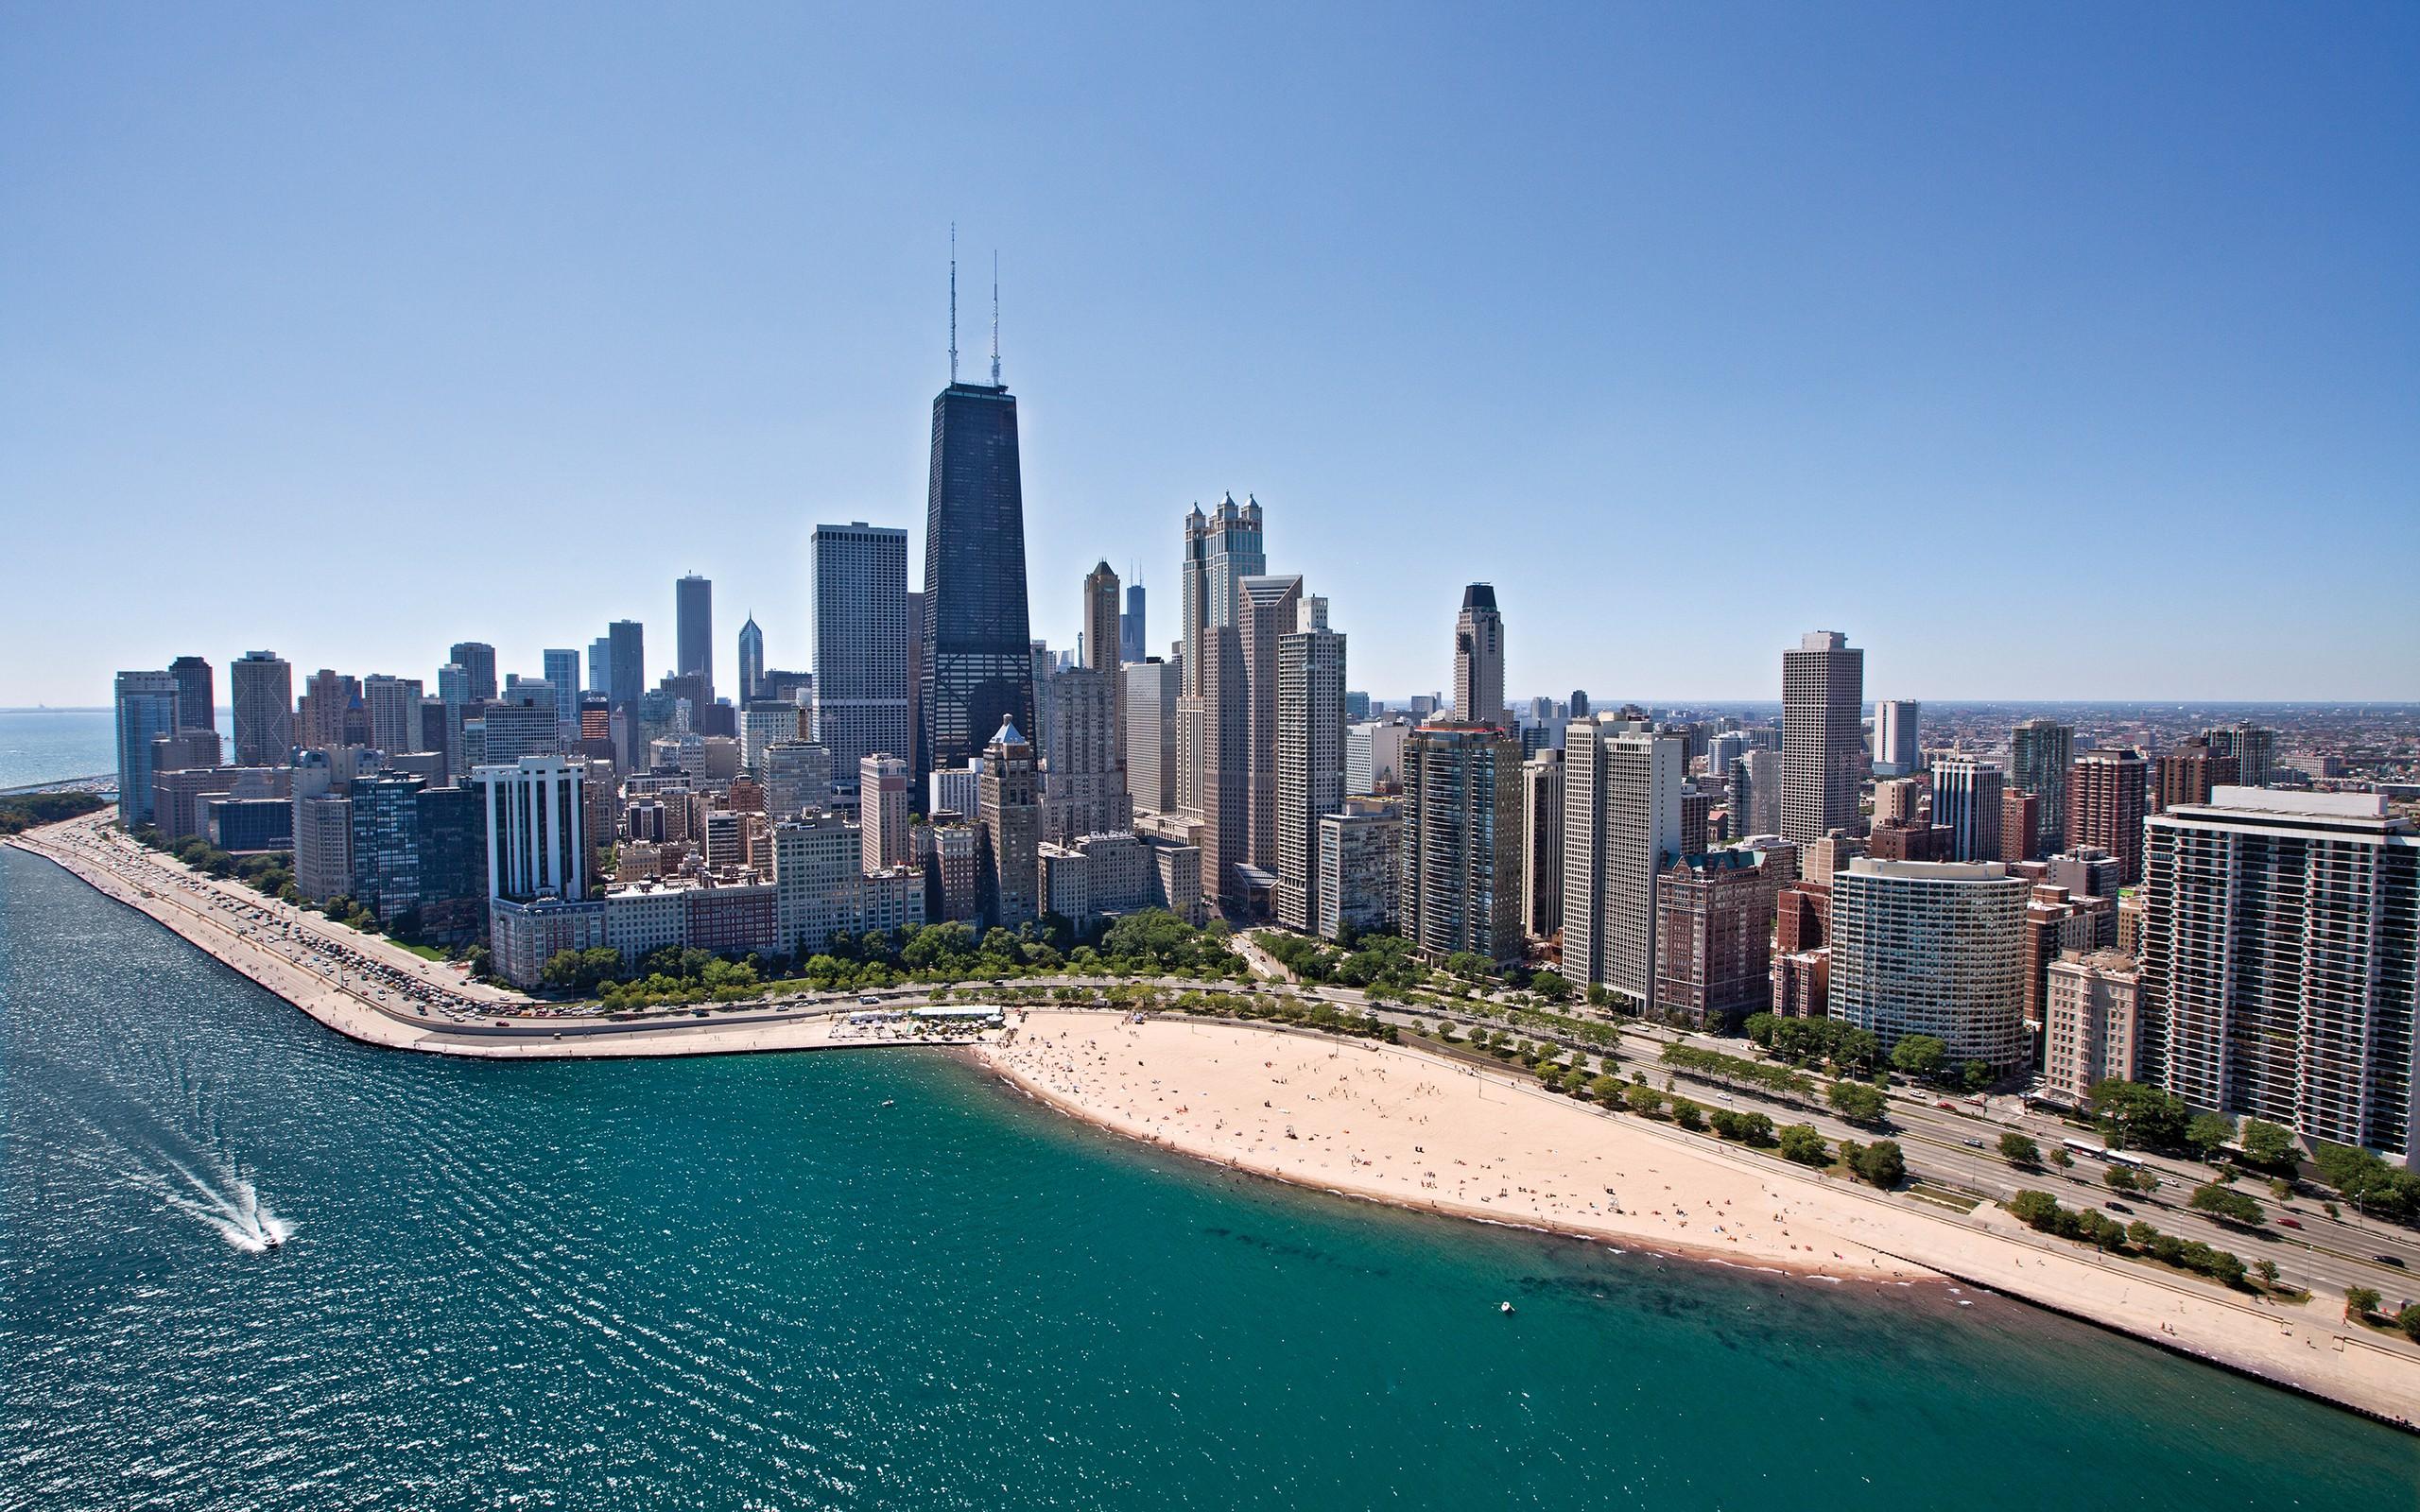 Autocad Civil 3D Classes in Chicago, IL